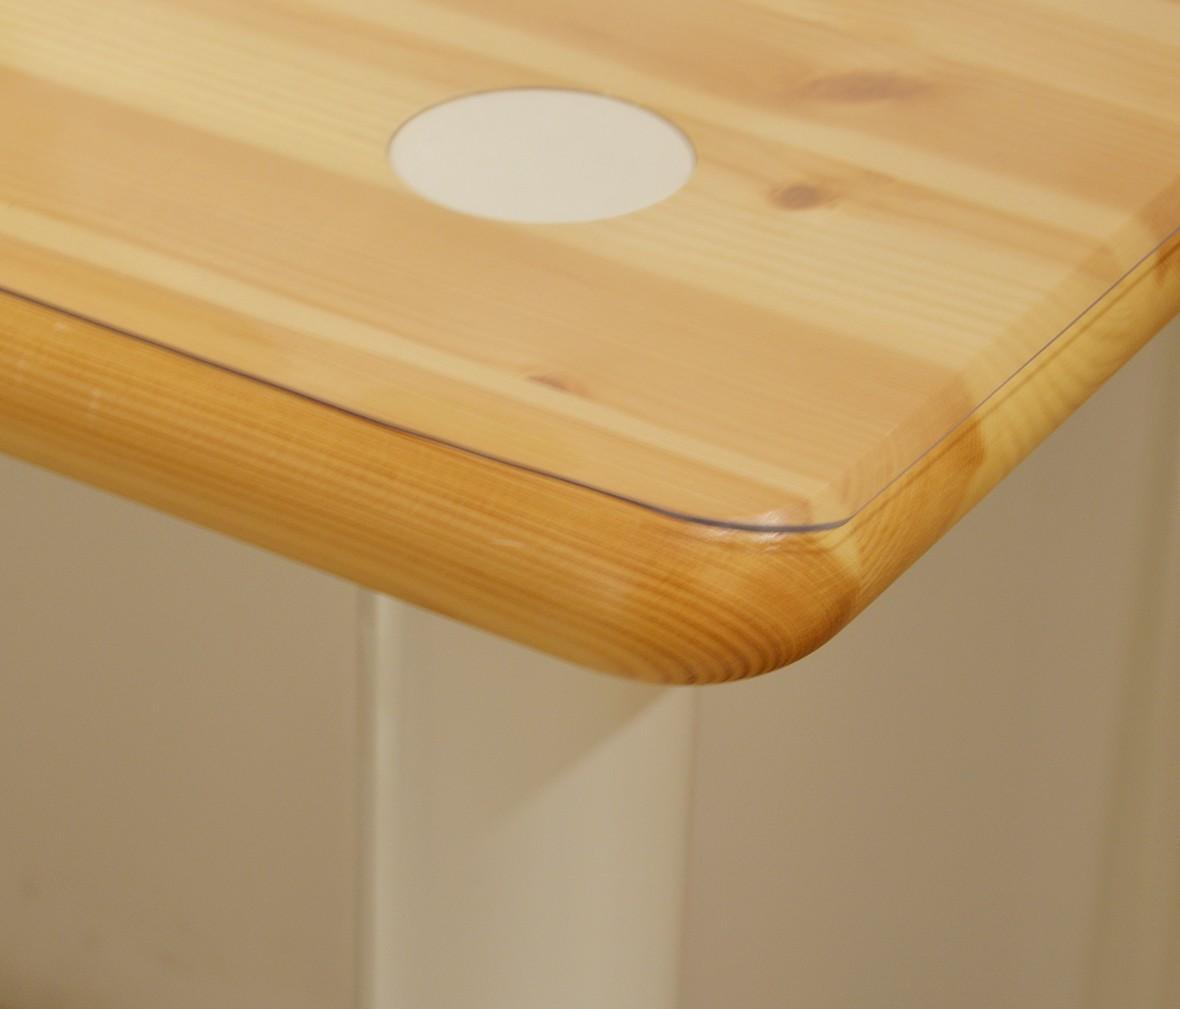 芙莱莎 901-10140-1型号转角书桌 北欧风格儿童实木书桌 商品细节